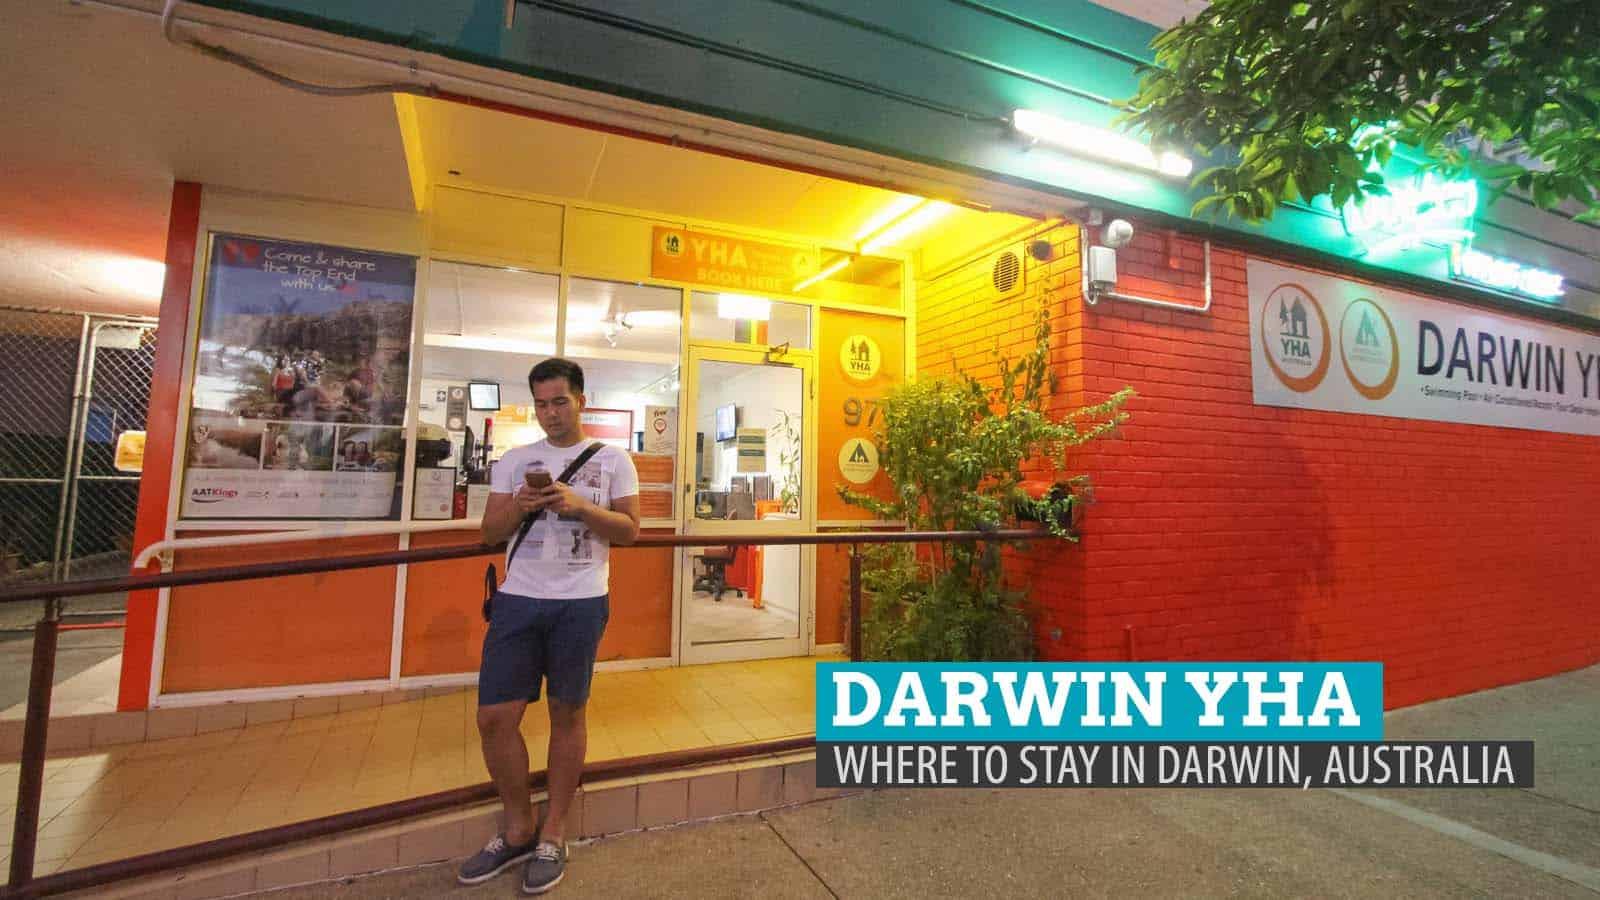 达尔文青年旅舍:在澳大利亚达尔文的住宿地点 | 穷游者行程博客